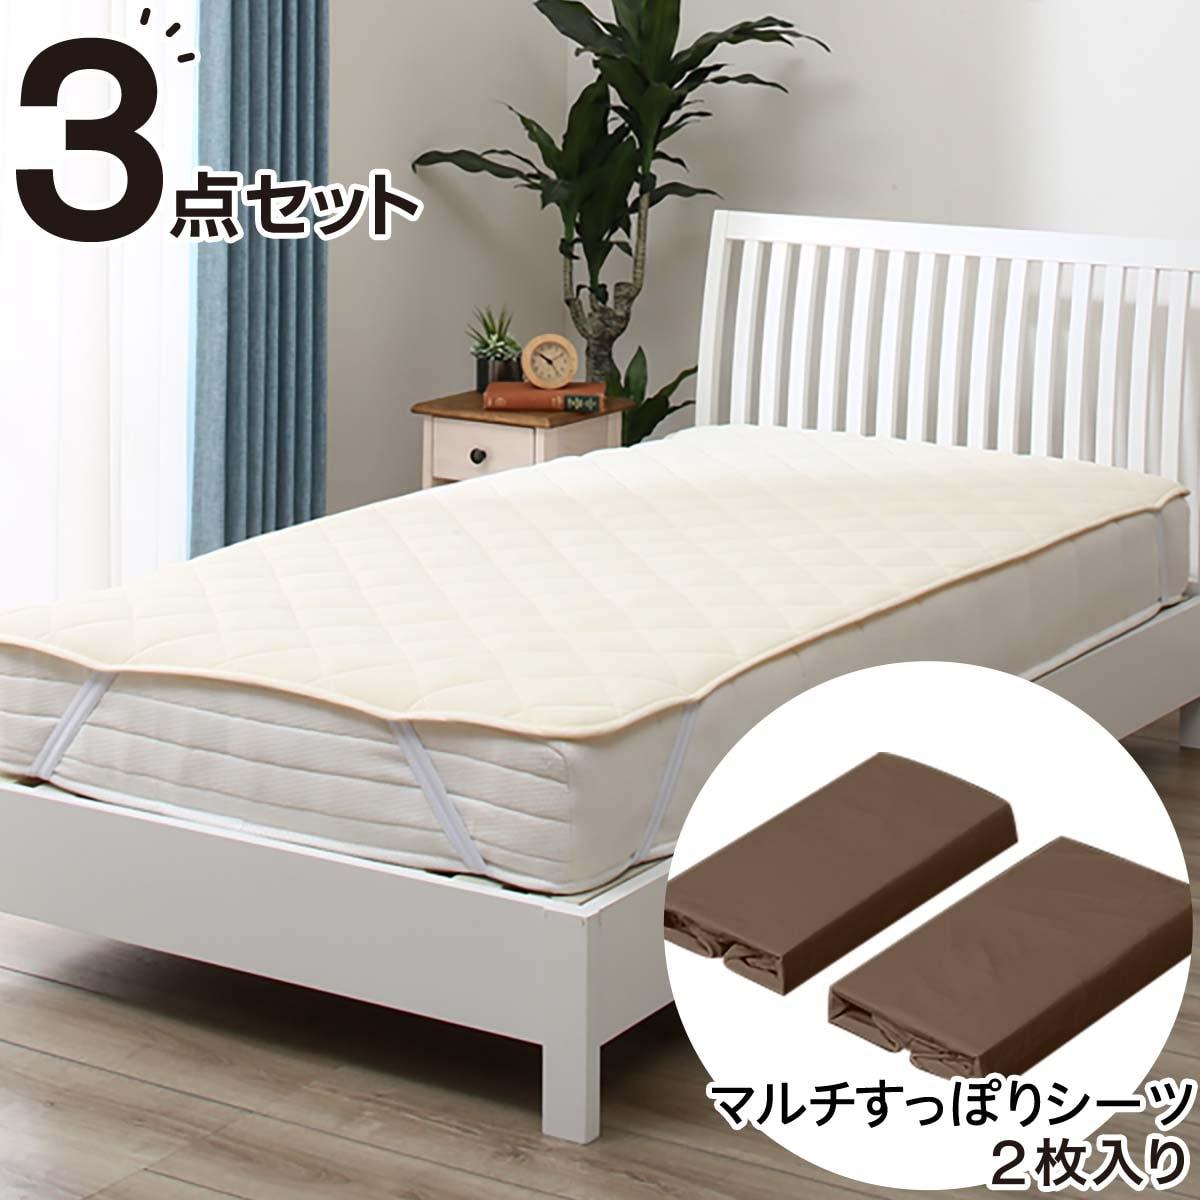 【3点セット】ベッドパッド&マルチすっぽりシーツ クイーン(メッシュ DBR Q) ニトリ 【送料無料・玄関先迄納品】